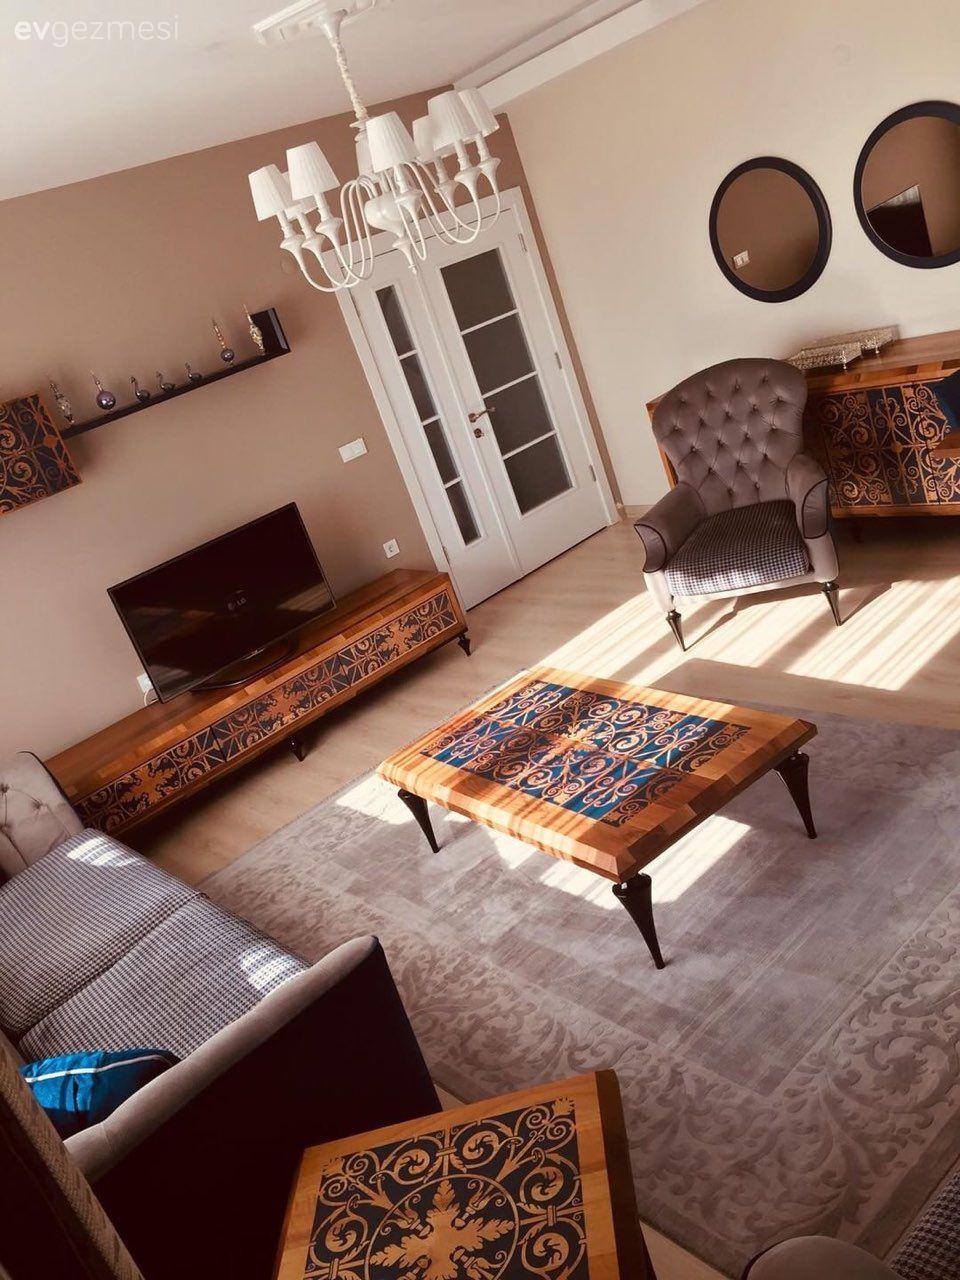 Bu Salon Dekorasyonu Desenlerle Hareket Kazaniyor Ev Gezmesi Oturma Odasi Fikirleri Dekor Dekorasyon